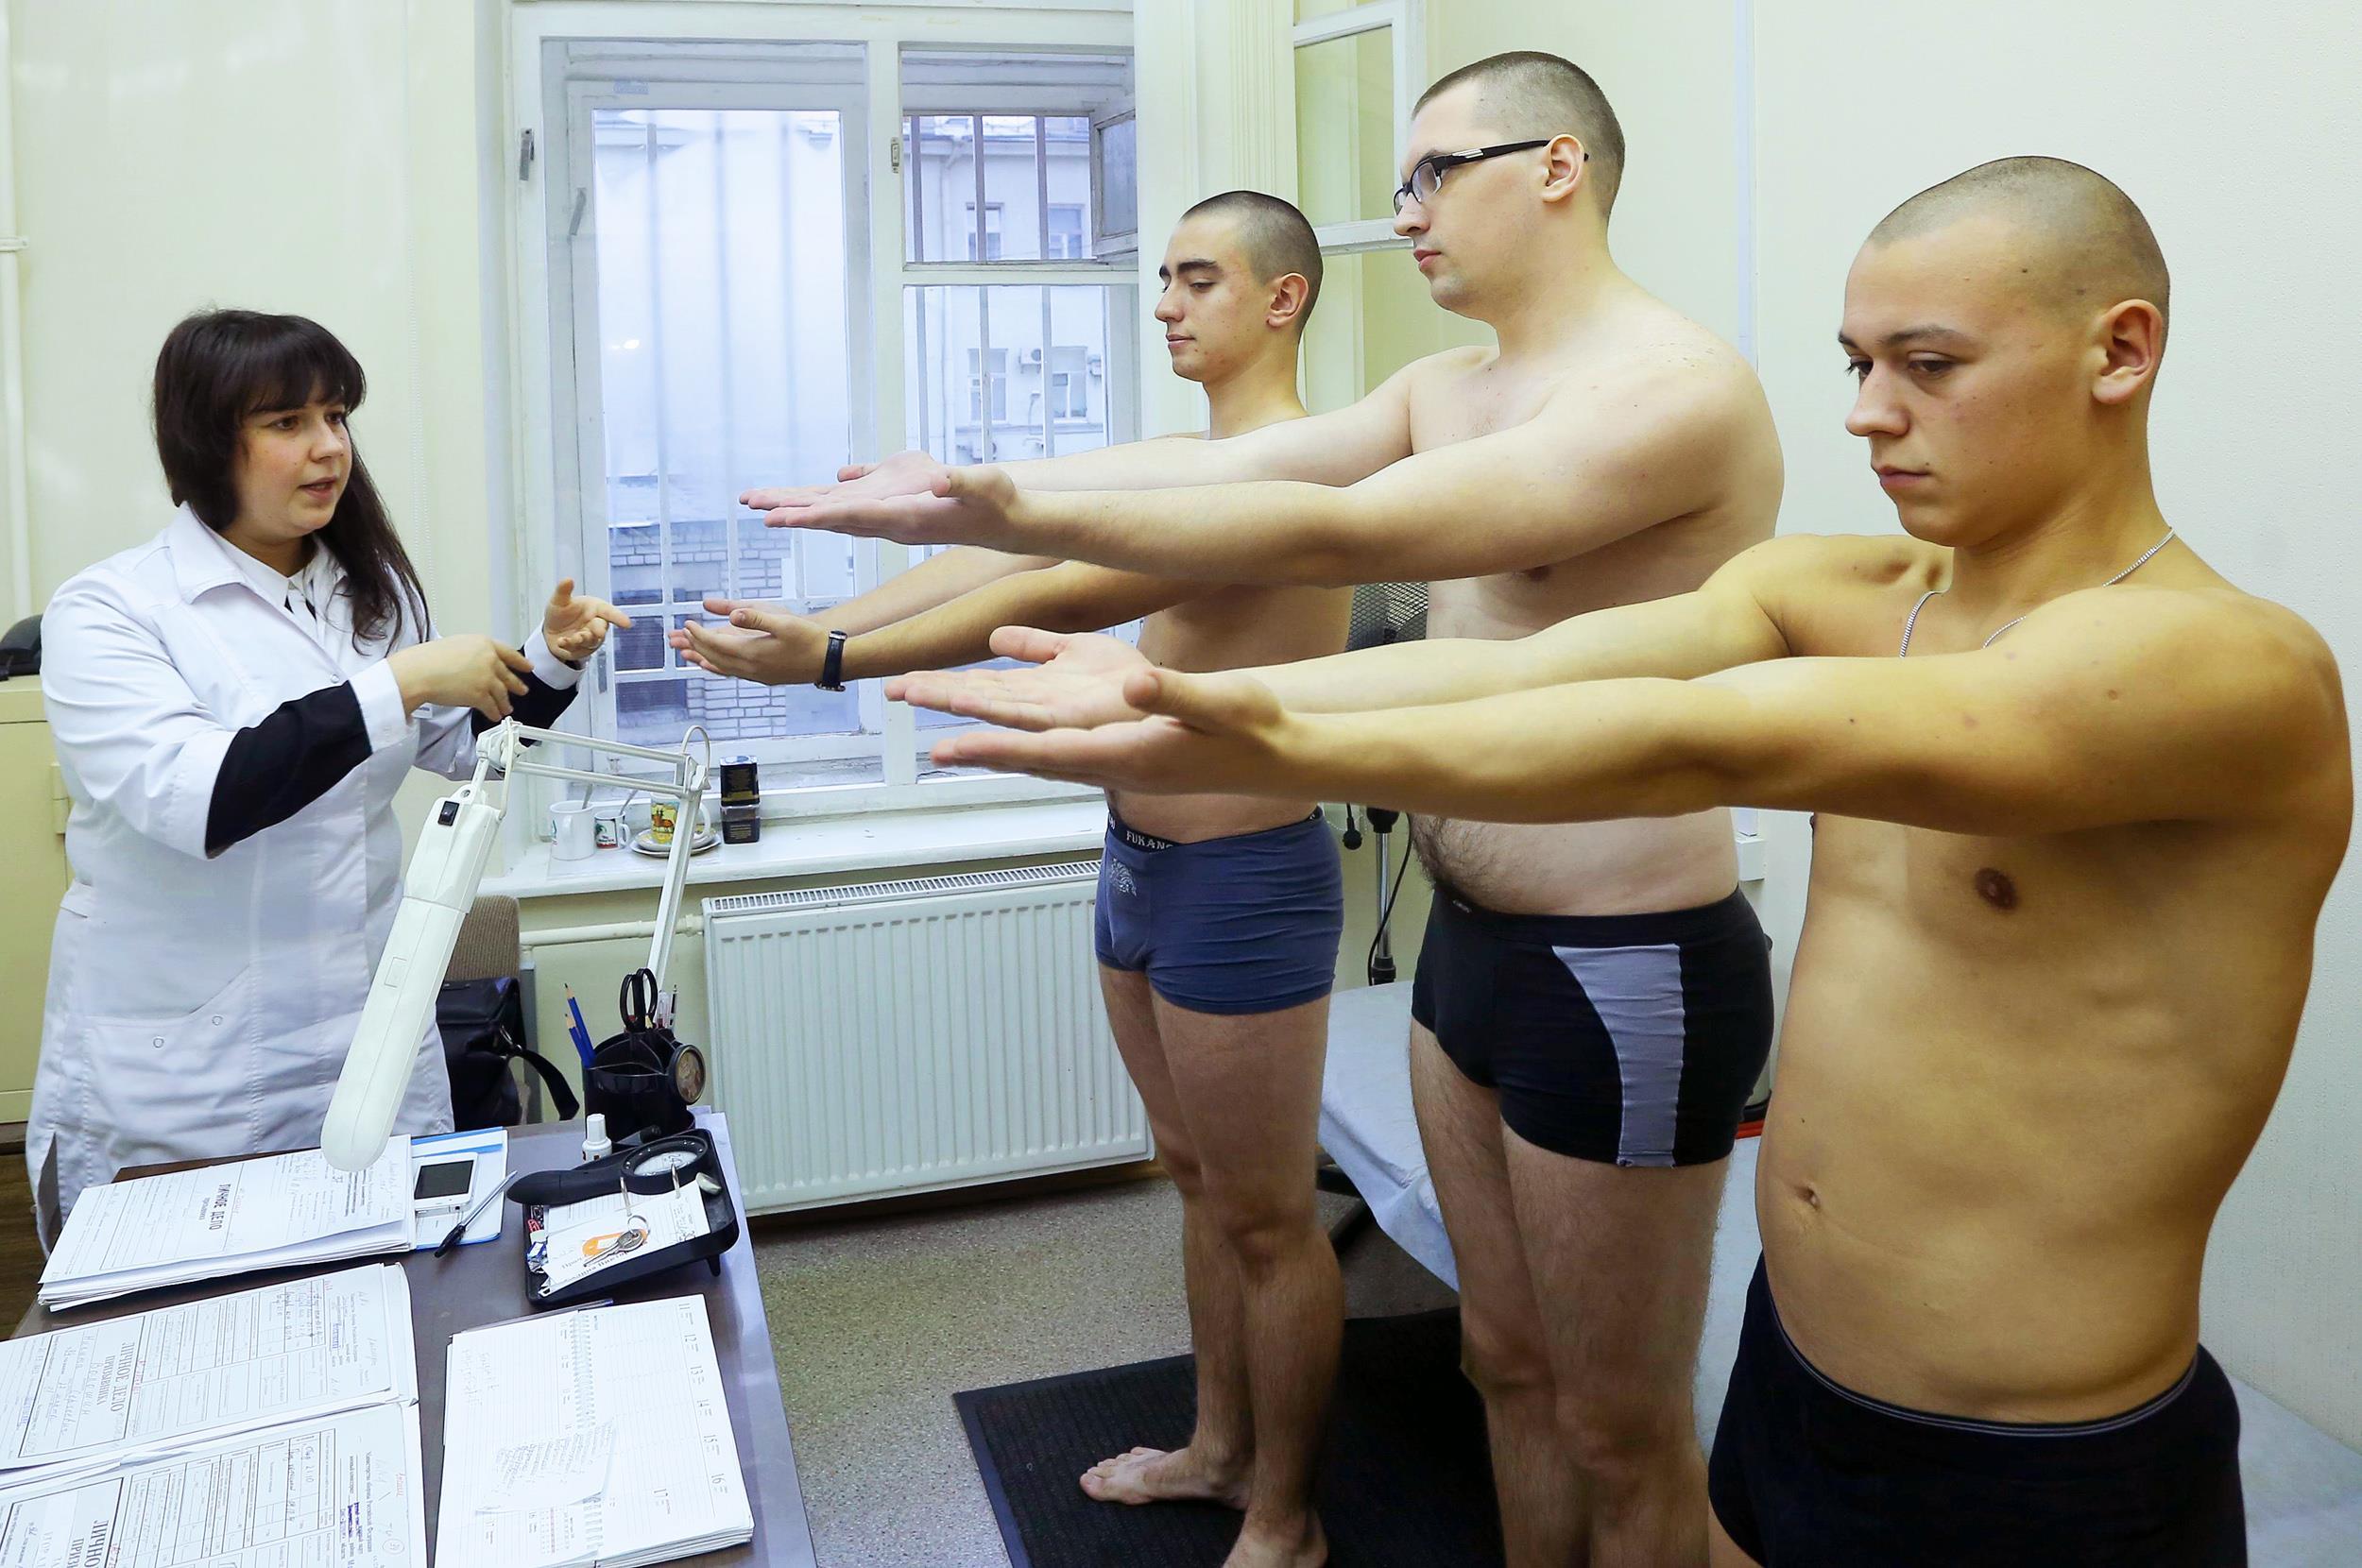 Фото польских аниматоров мармарис турция школу